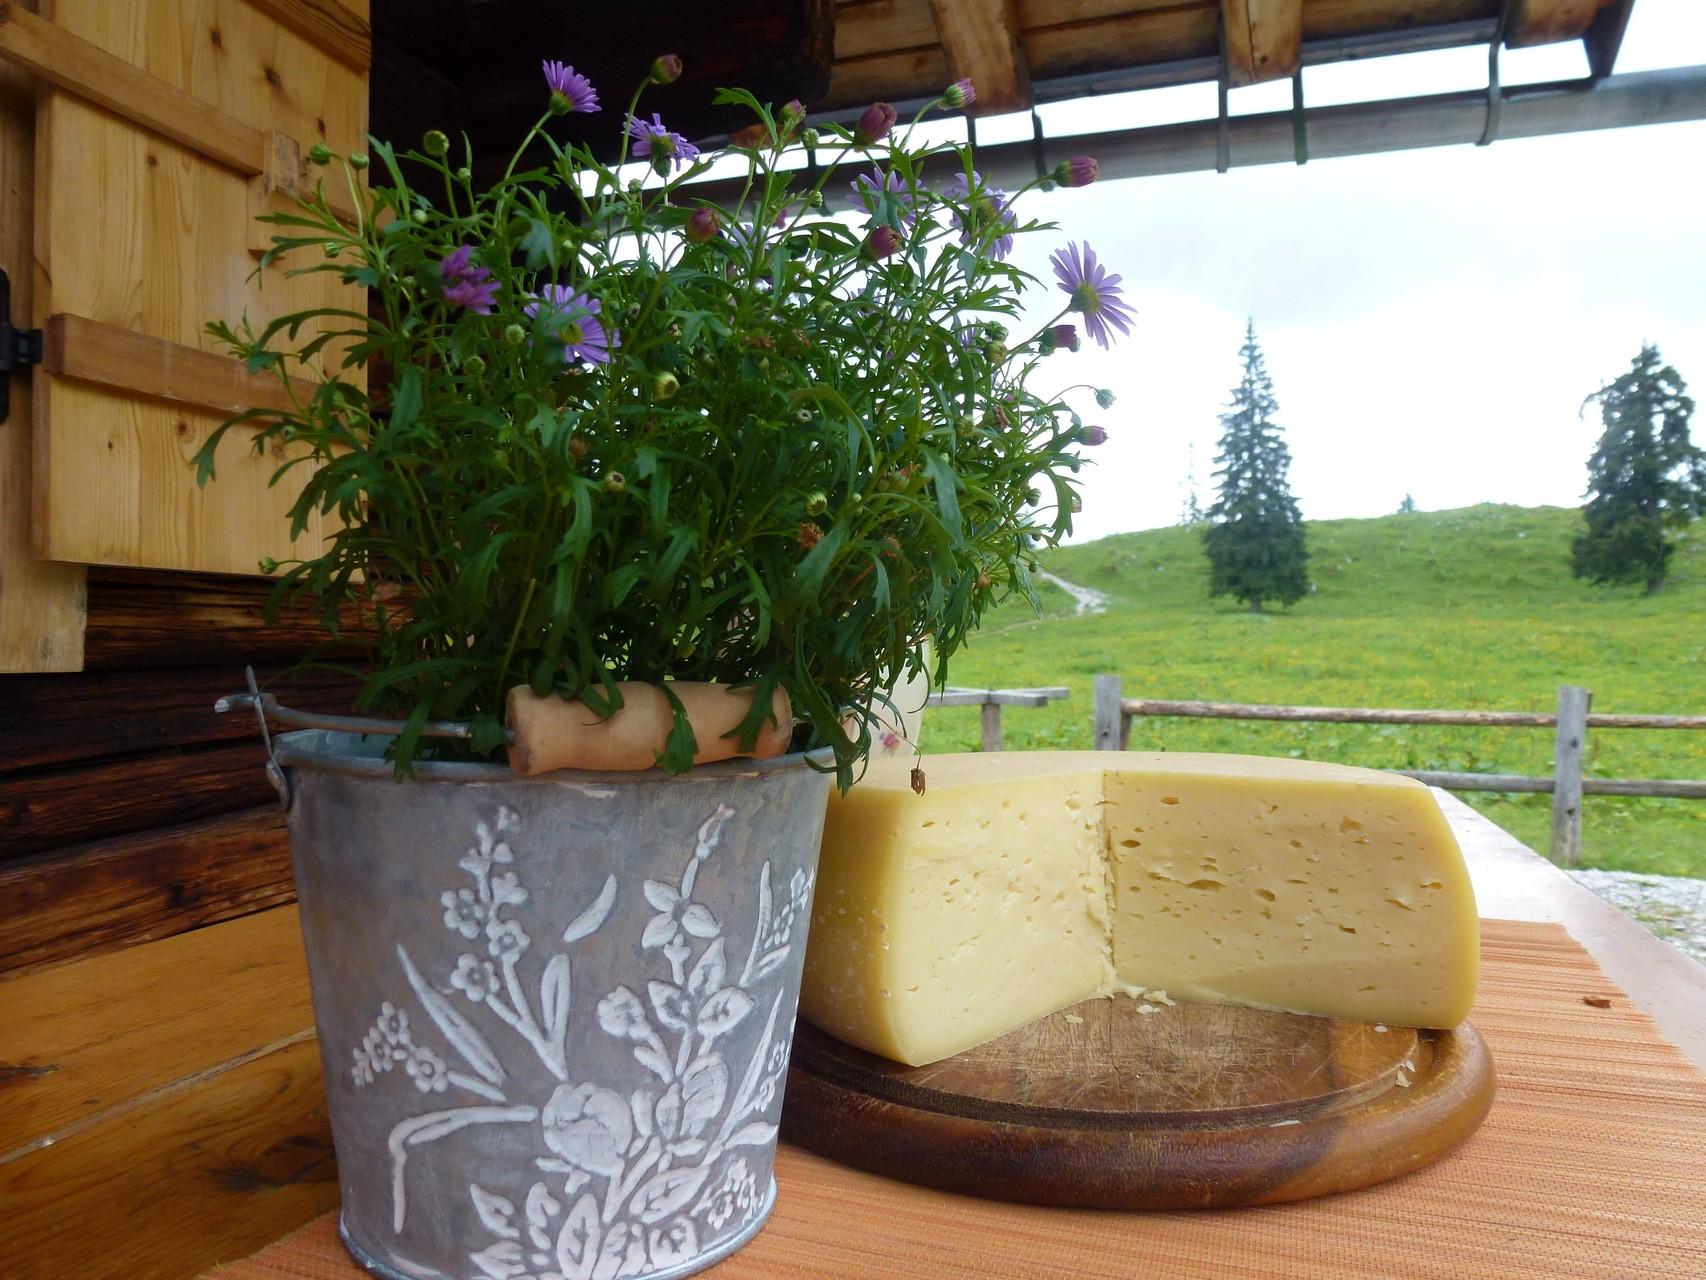 Hergestellt aus der Kräuter-Milch reift dieser Käse mindestens 7 Wochen bis er sein charakteristisches Aroma erhält, das ihn zu einem wahren Geschmackserlebnis macht